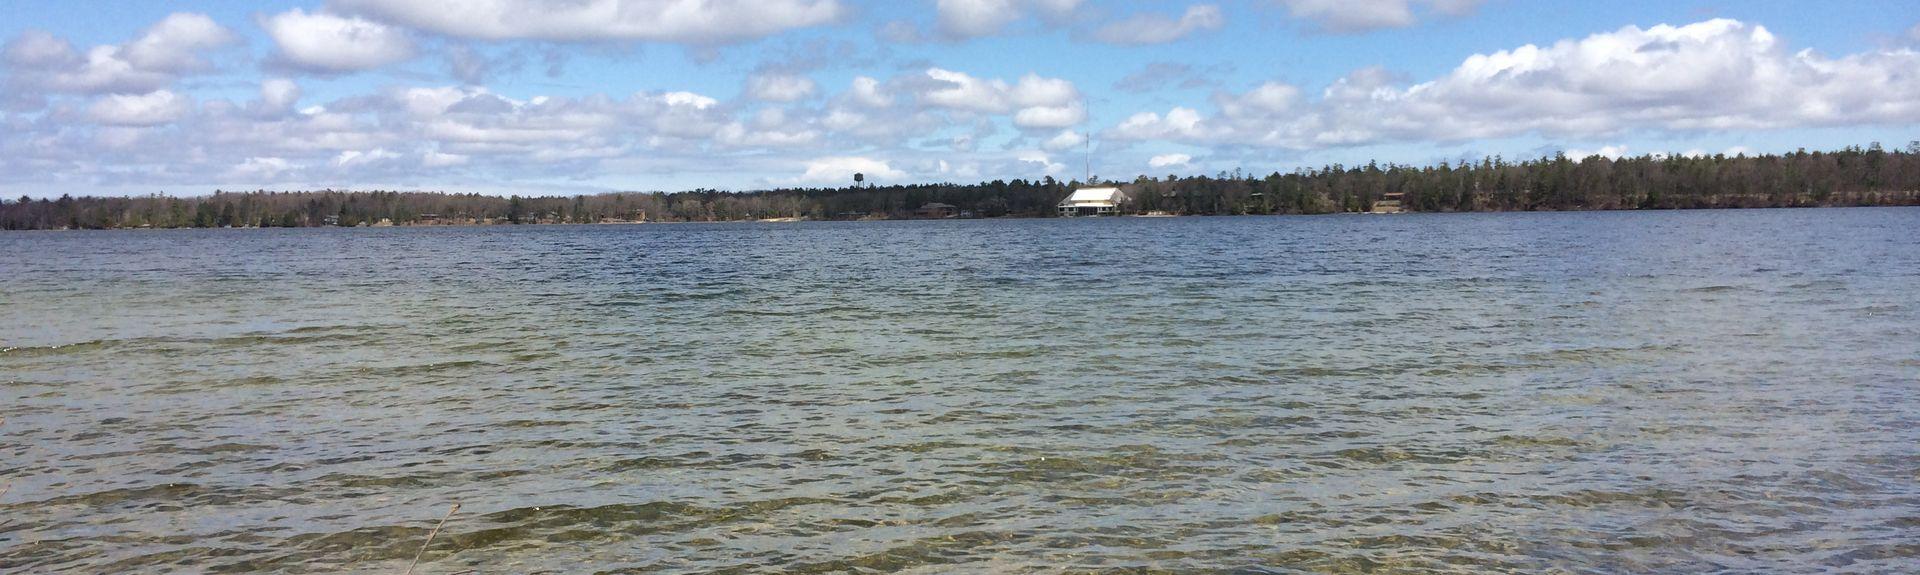 Lake Ann, Michigan, États-Unis d'Amérique